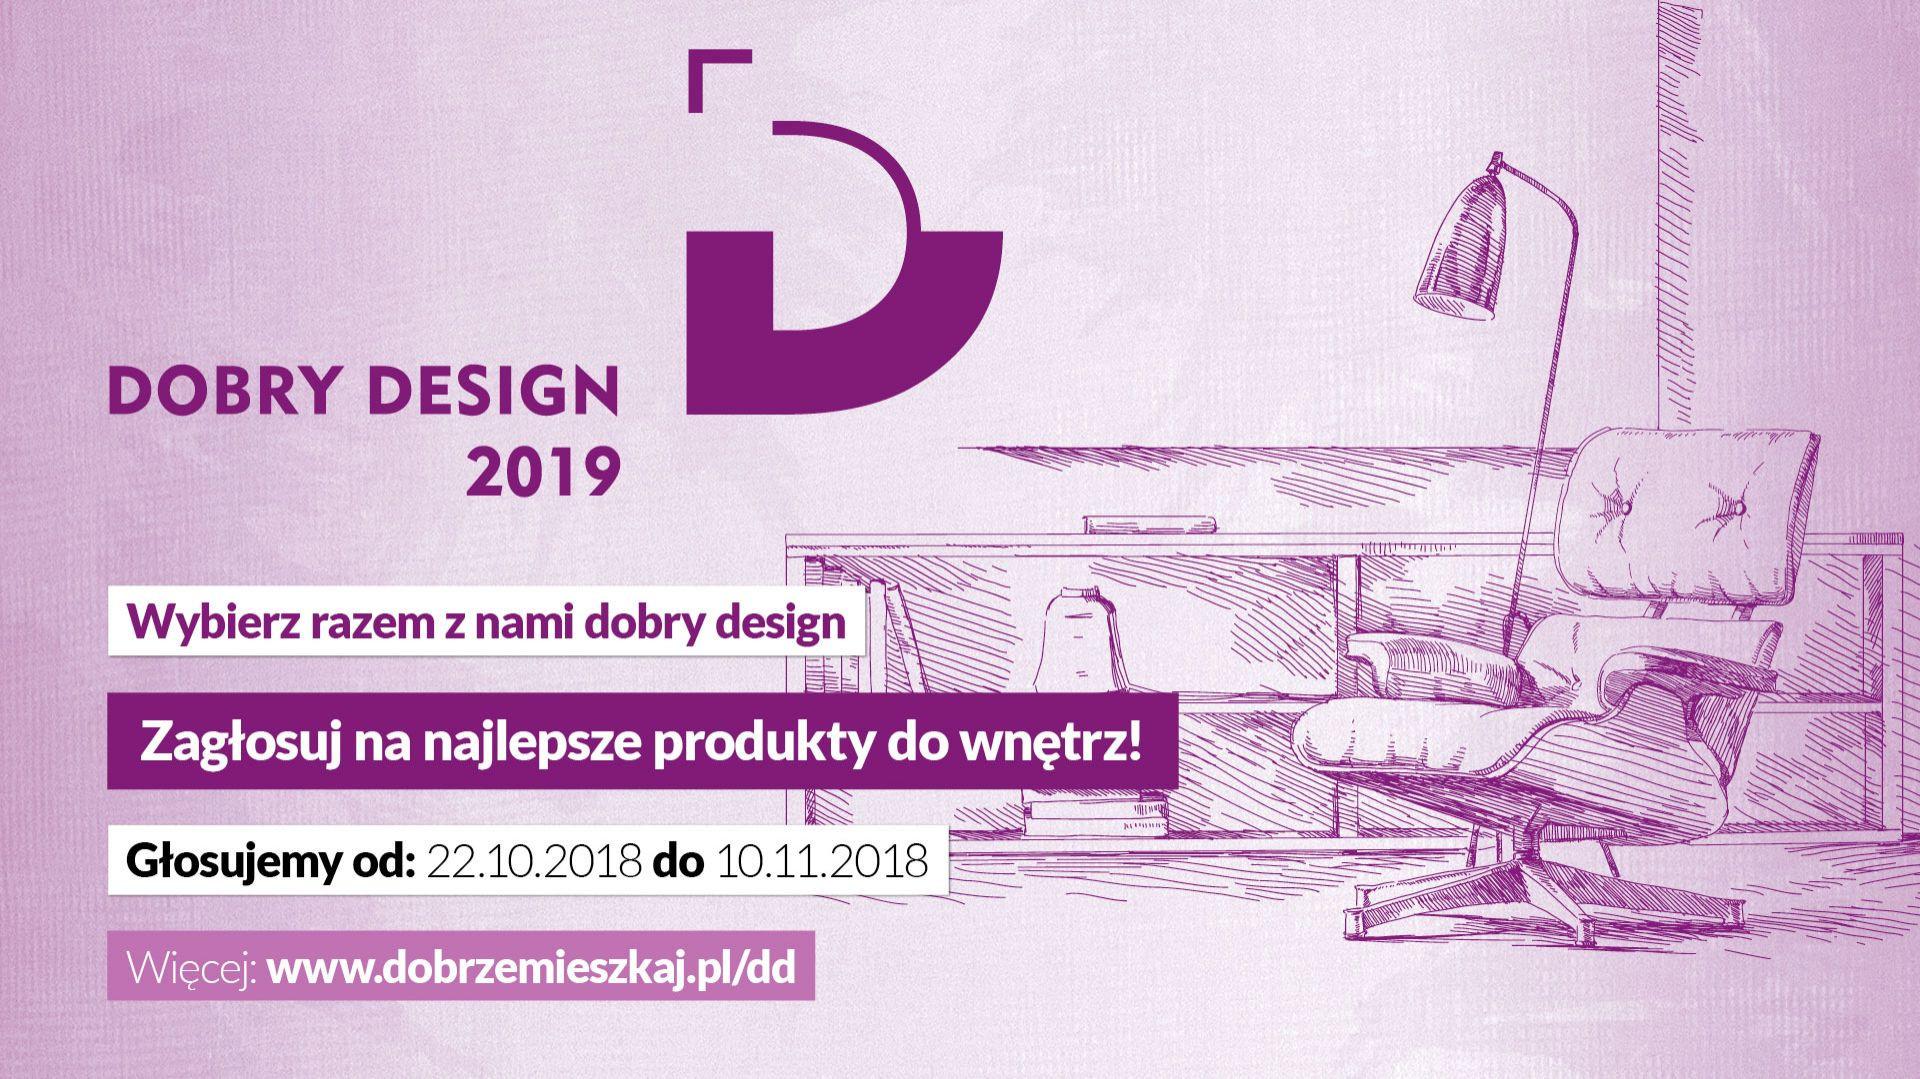 Ruszyło głosowanie internautów na produkty zgłoszone do konkursu Dobry Design 2019.